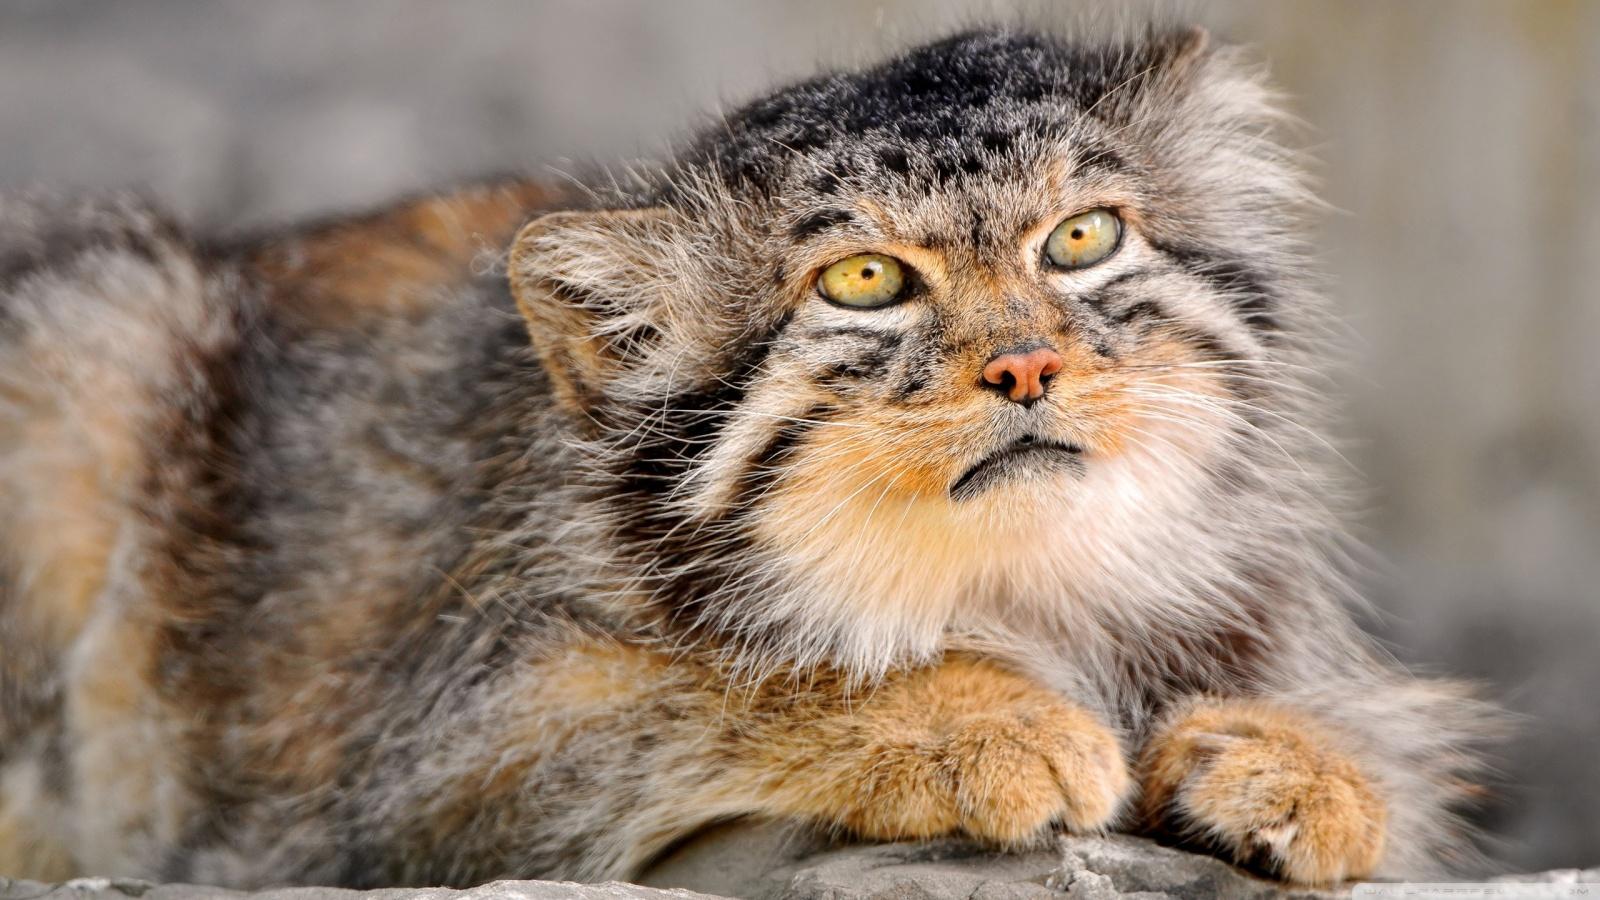 Wild Cat 4K HD Desktop Wallpaper for 4K Ultra HD TV